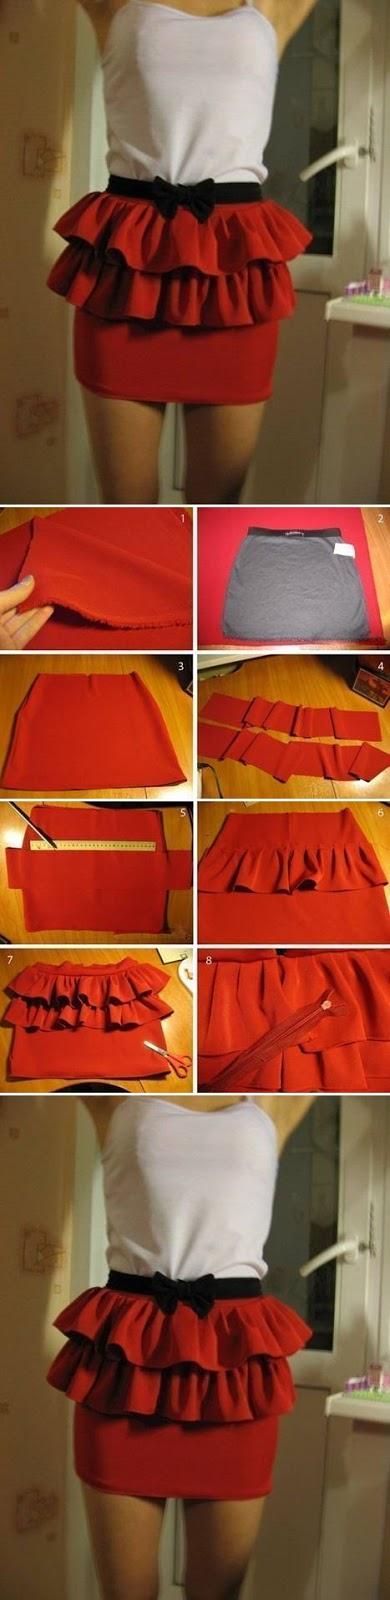 Easy Skirt Modification